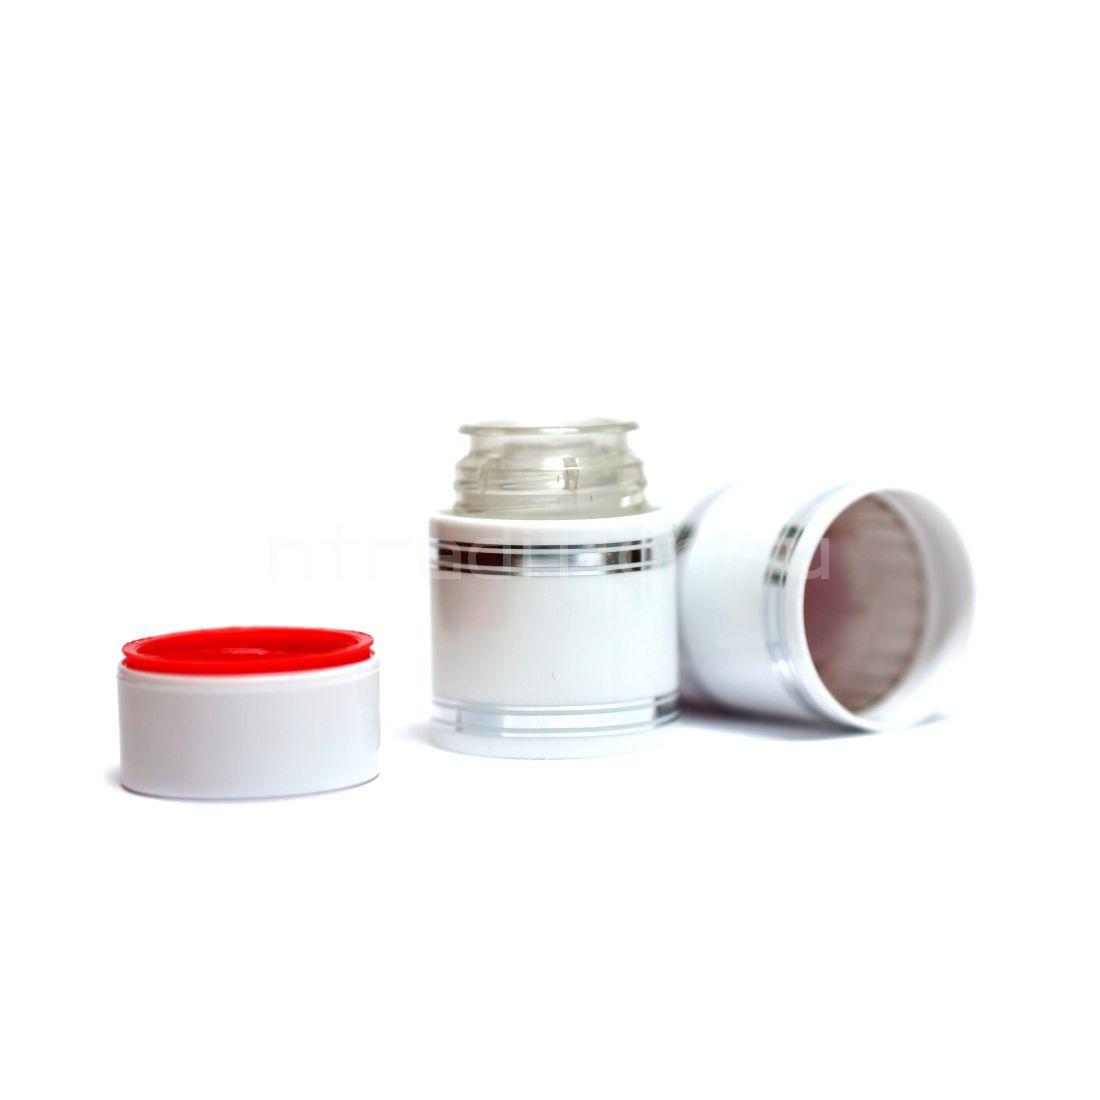 Полимерный колпачок с дозатором белый (Гуала 47 мм) / 10 шт